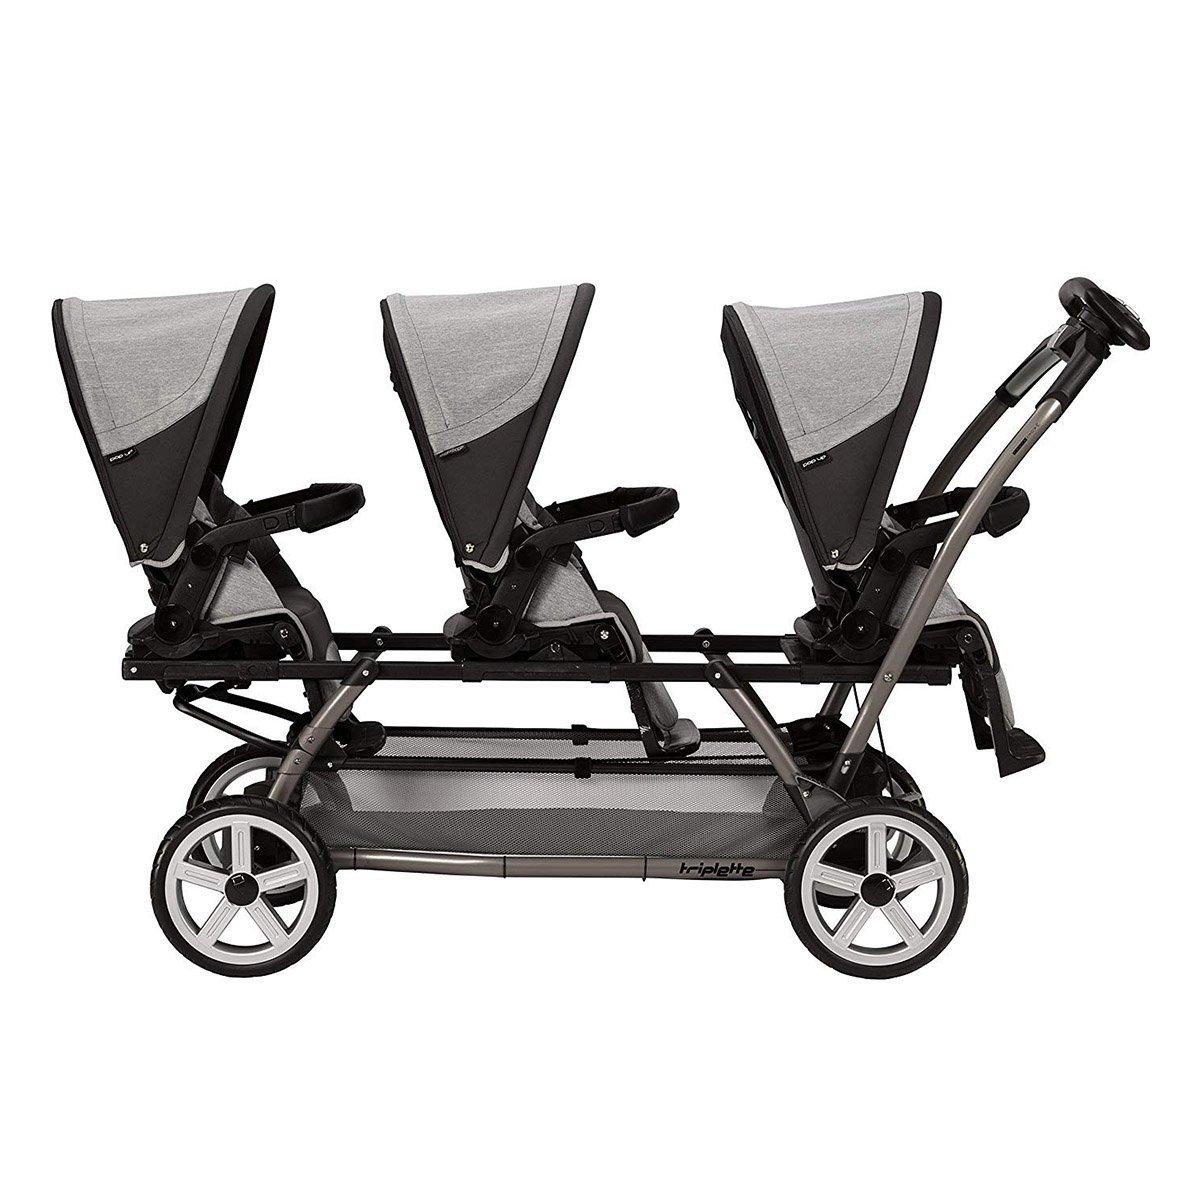 Купить Аксессуары для колясок, Шасси Peg-Perego Triplette grey ICDU0100NL77 ТМ: Peg-Perego, серый